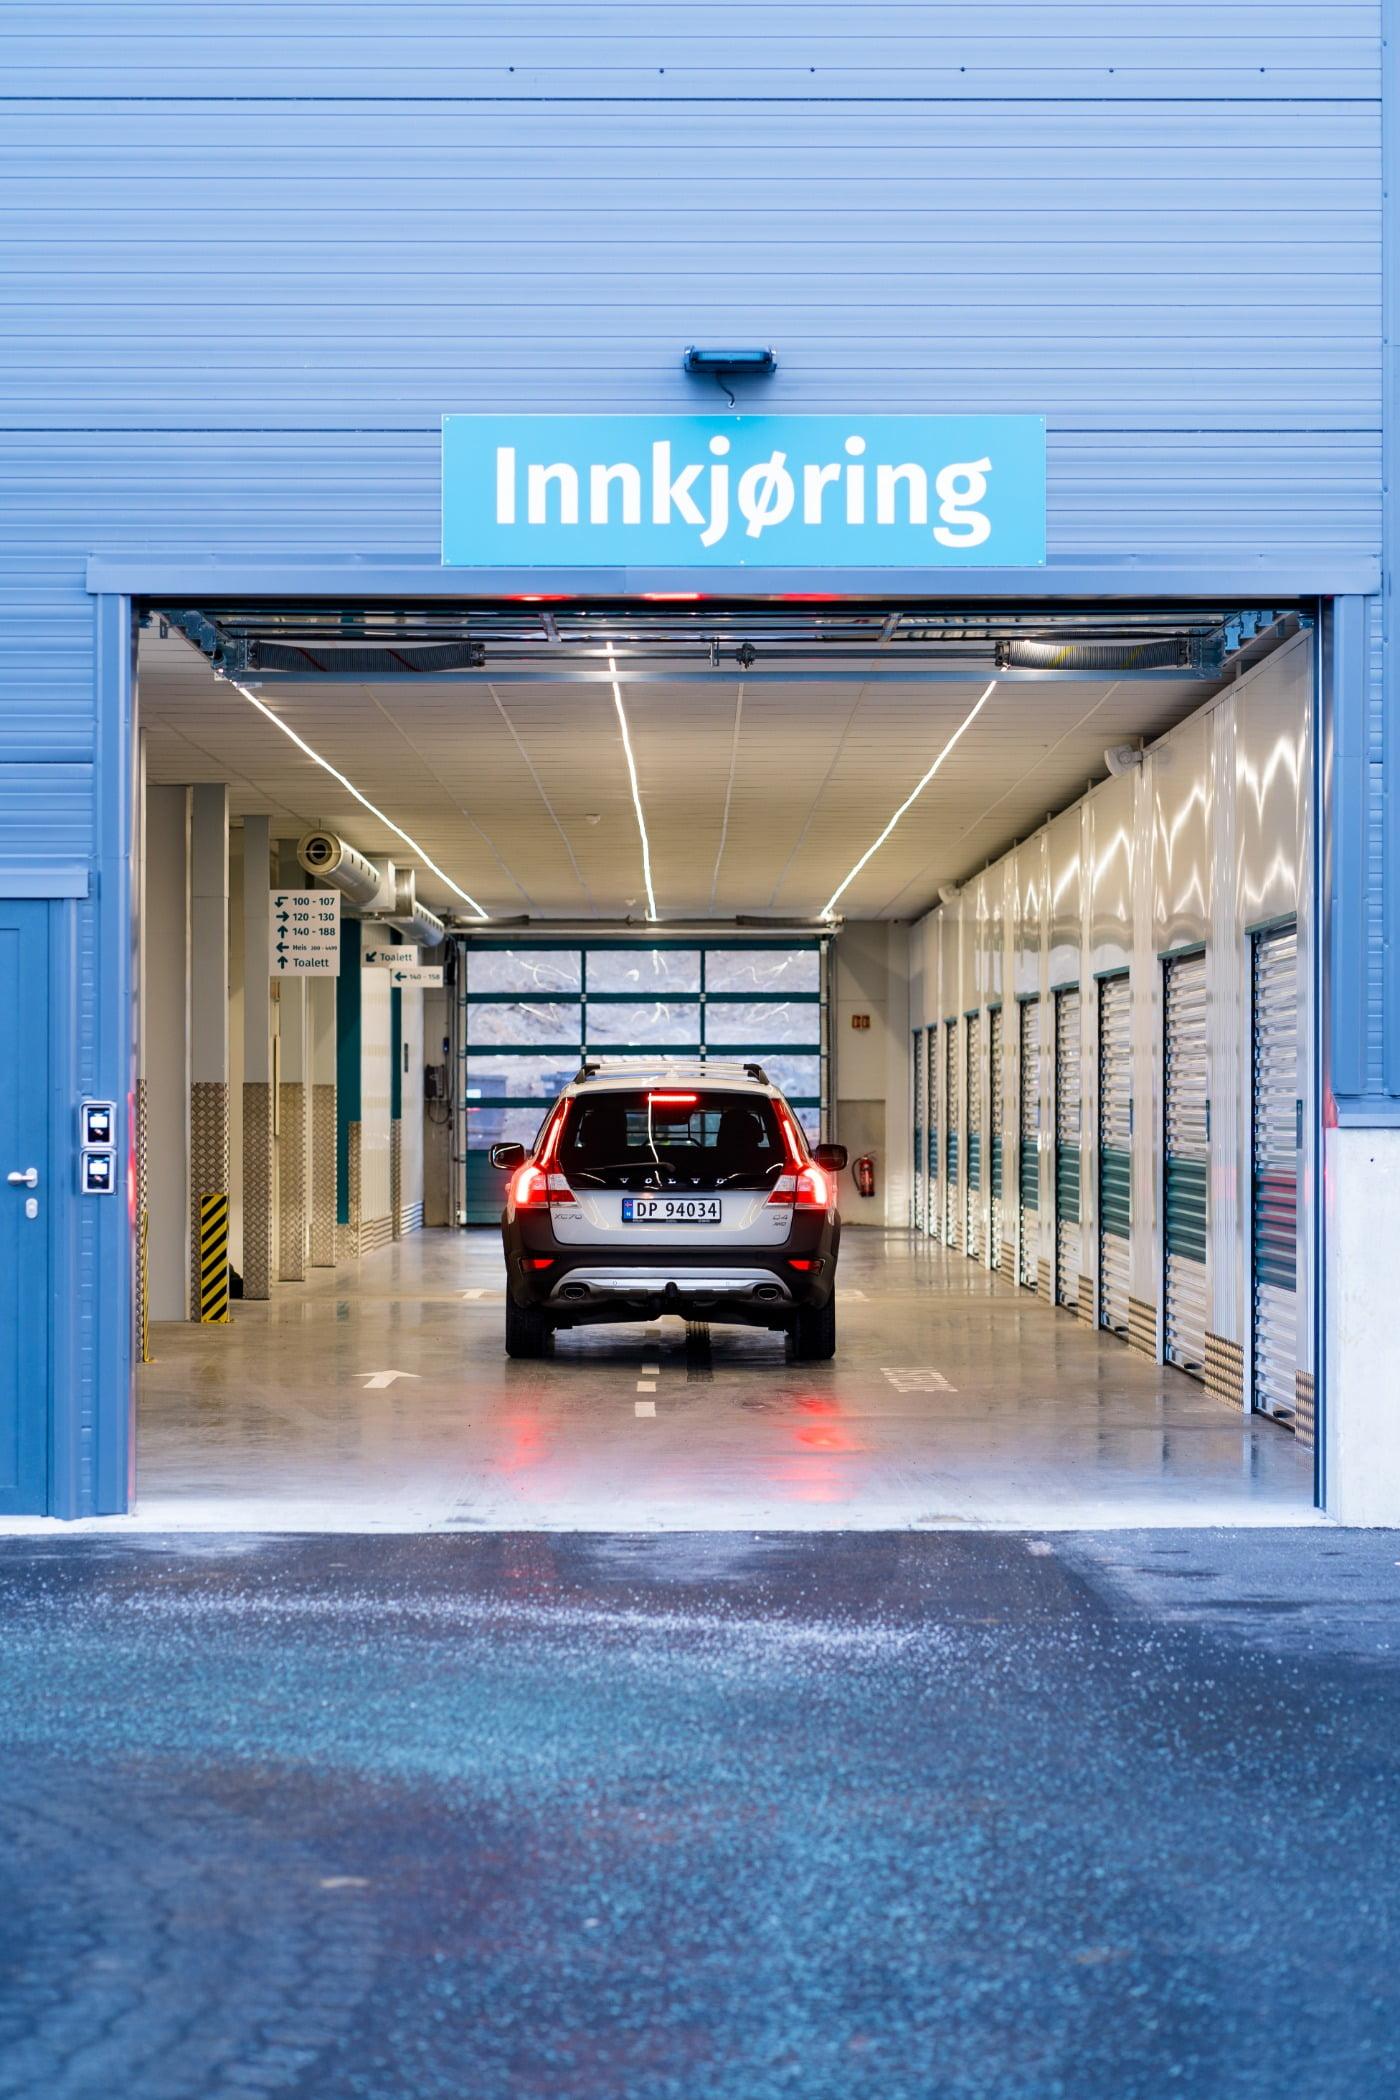 Automotive parking light, Vehicle registration plate, Car, Building